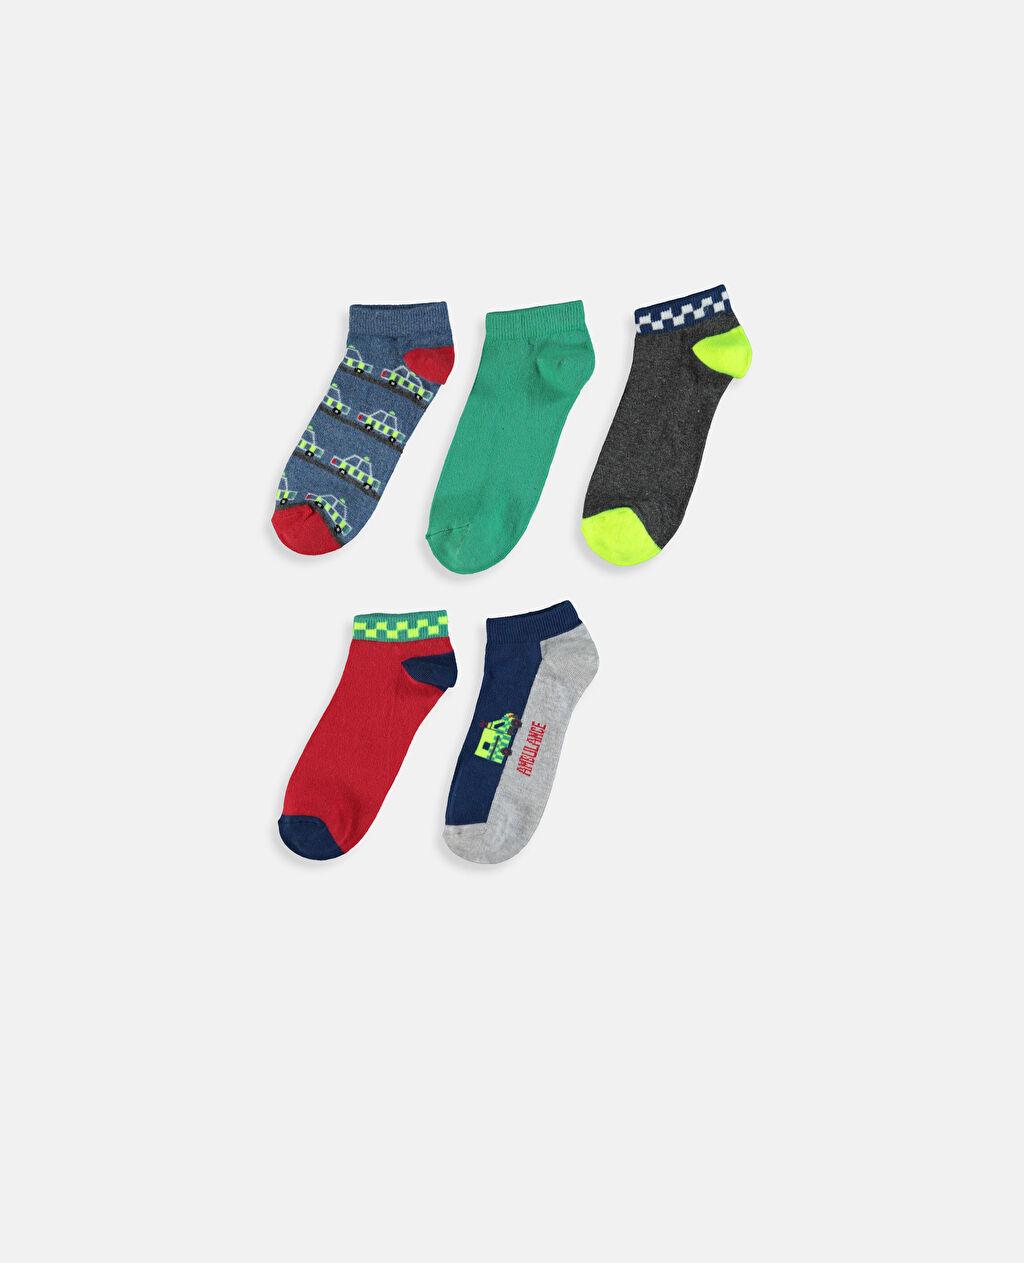 %58 Pamuk %16 Polyester %24 Poliamid %2 Elastan Dikişli Baskılı Günlük Orta Kalınlık Patik Çorap Erkek Çocuk Patik Çorap 5'li